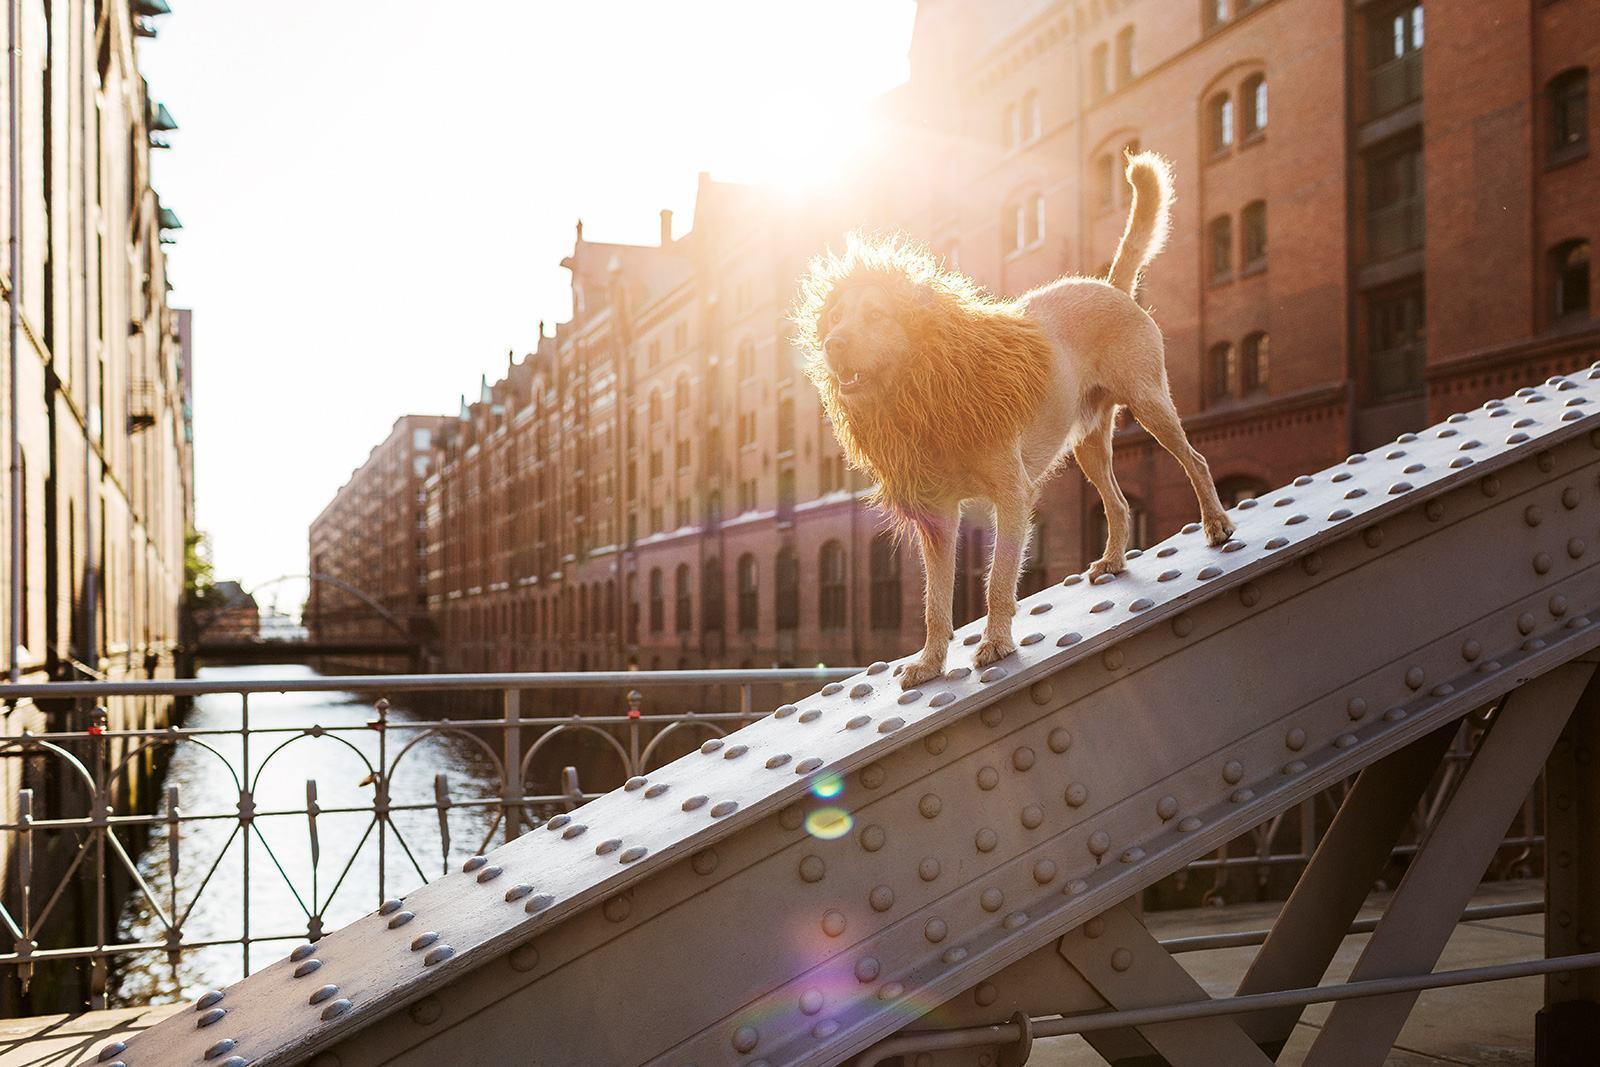 cachorro-encontrado-na-rua-agora-vira-modelo-fotografico